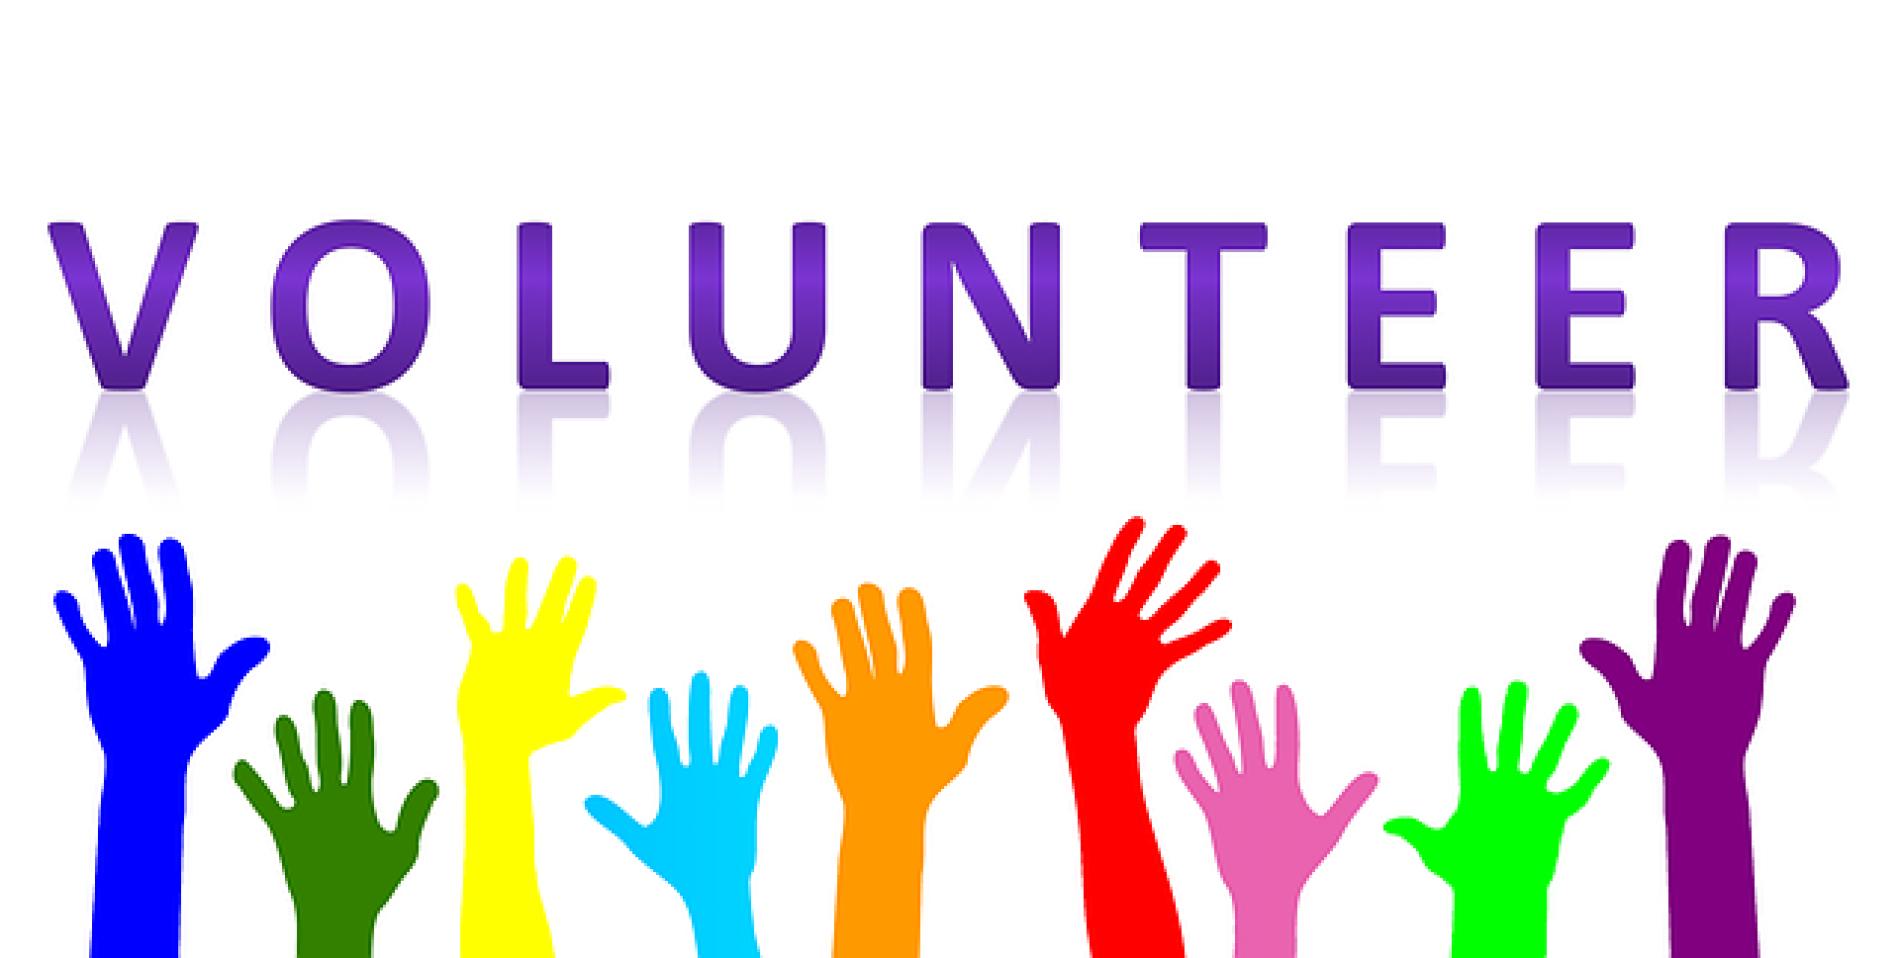 Volunteering – Brunel Museum Community Cafe Assistant needed